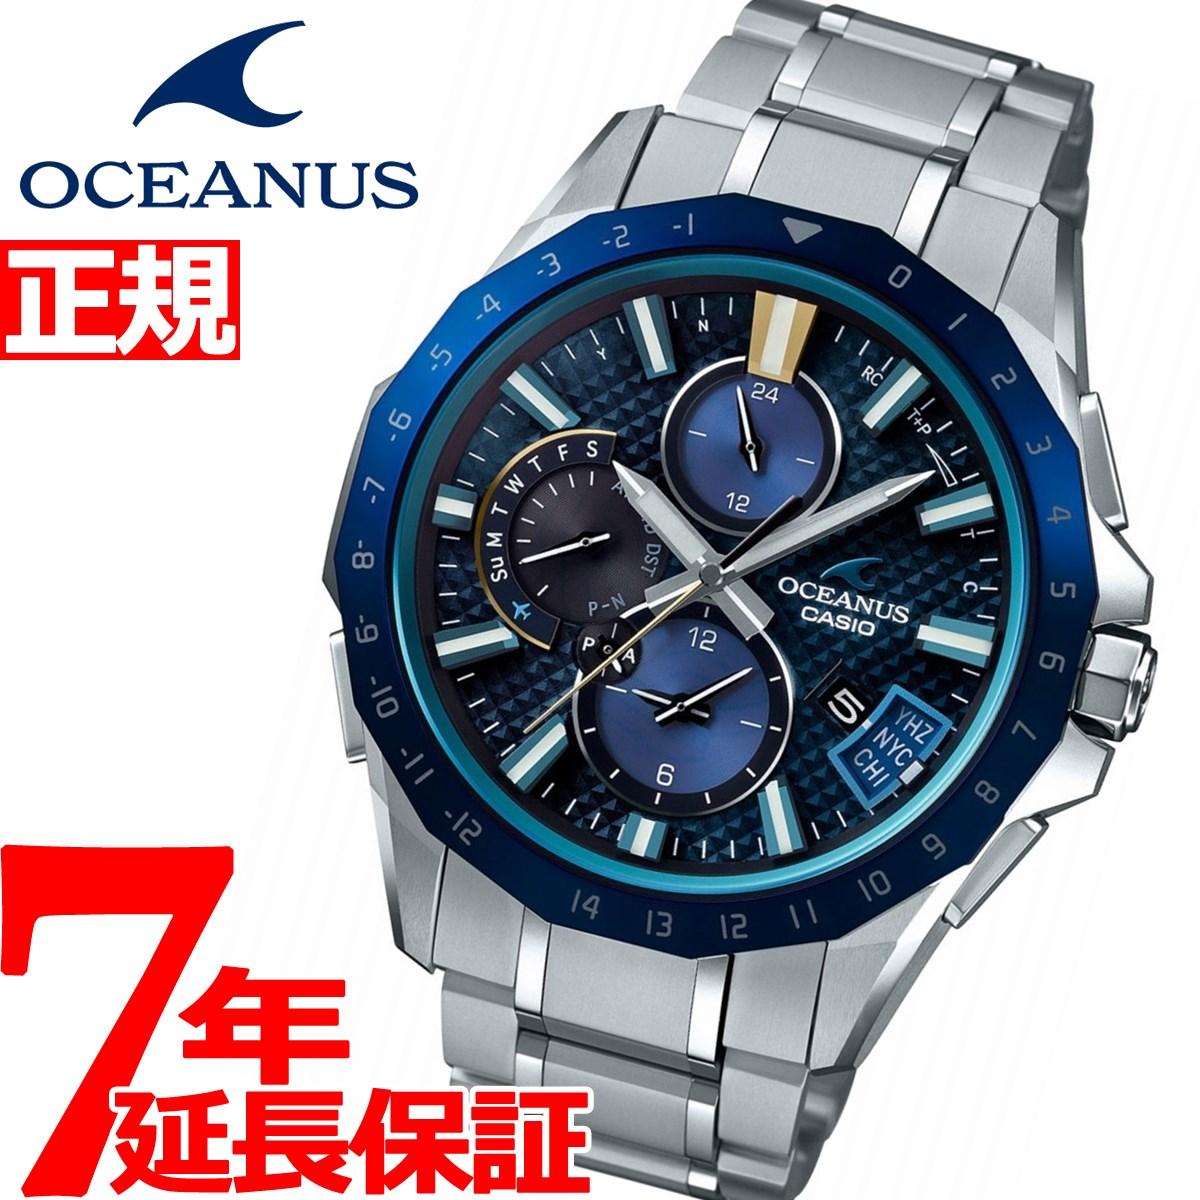 カシオ オシアナス CASIO OCEANUS Bluetooth搭載 GPS 電波 ソーラー 電波時計 限定モデル 腕時計 メンズ タフソーラー OCW-G2000RA-1AJF【2018 新作】